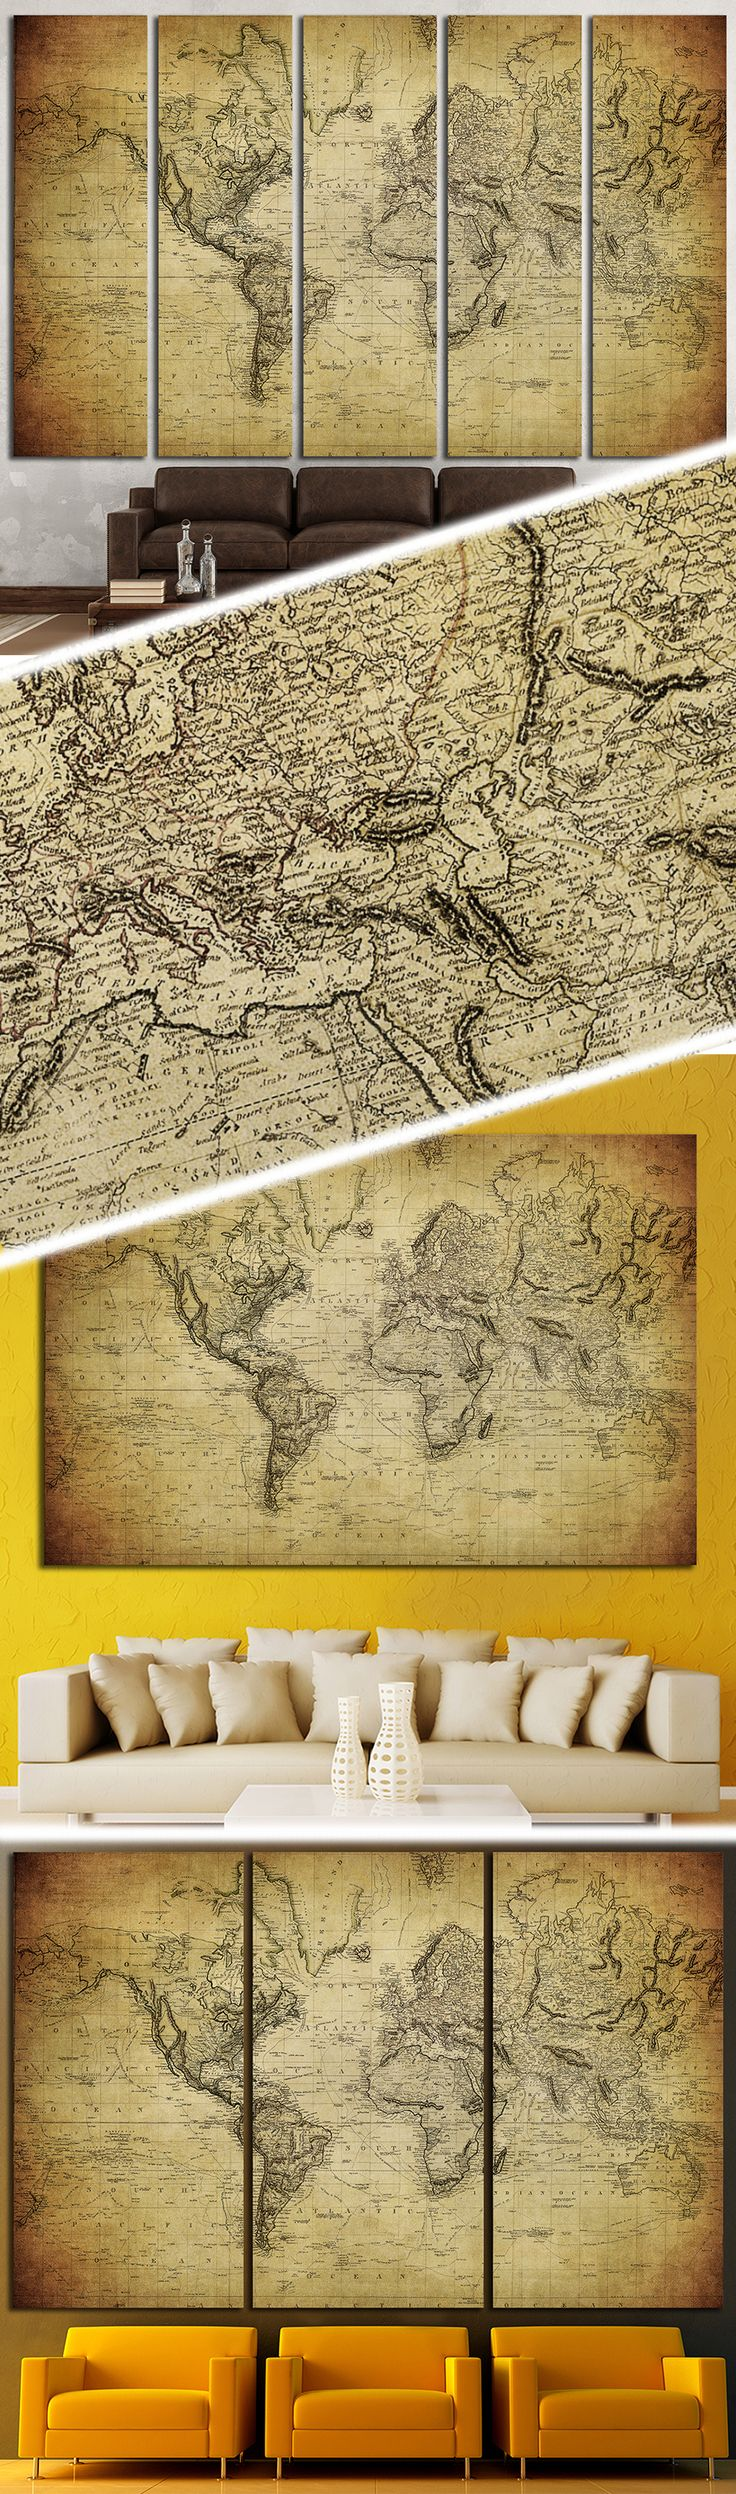 vintage map of the world 1324 Framed